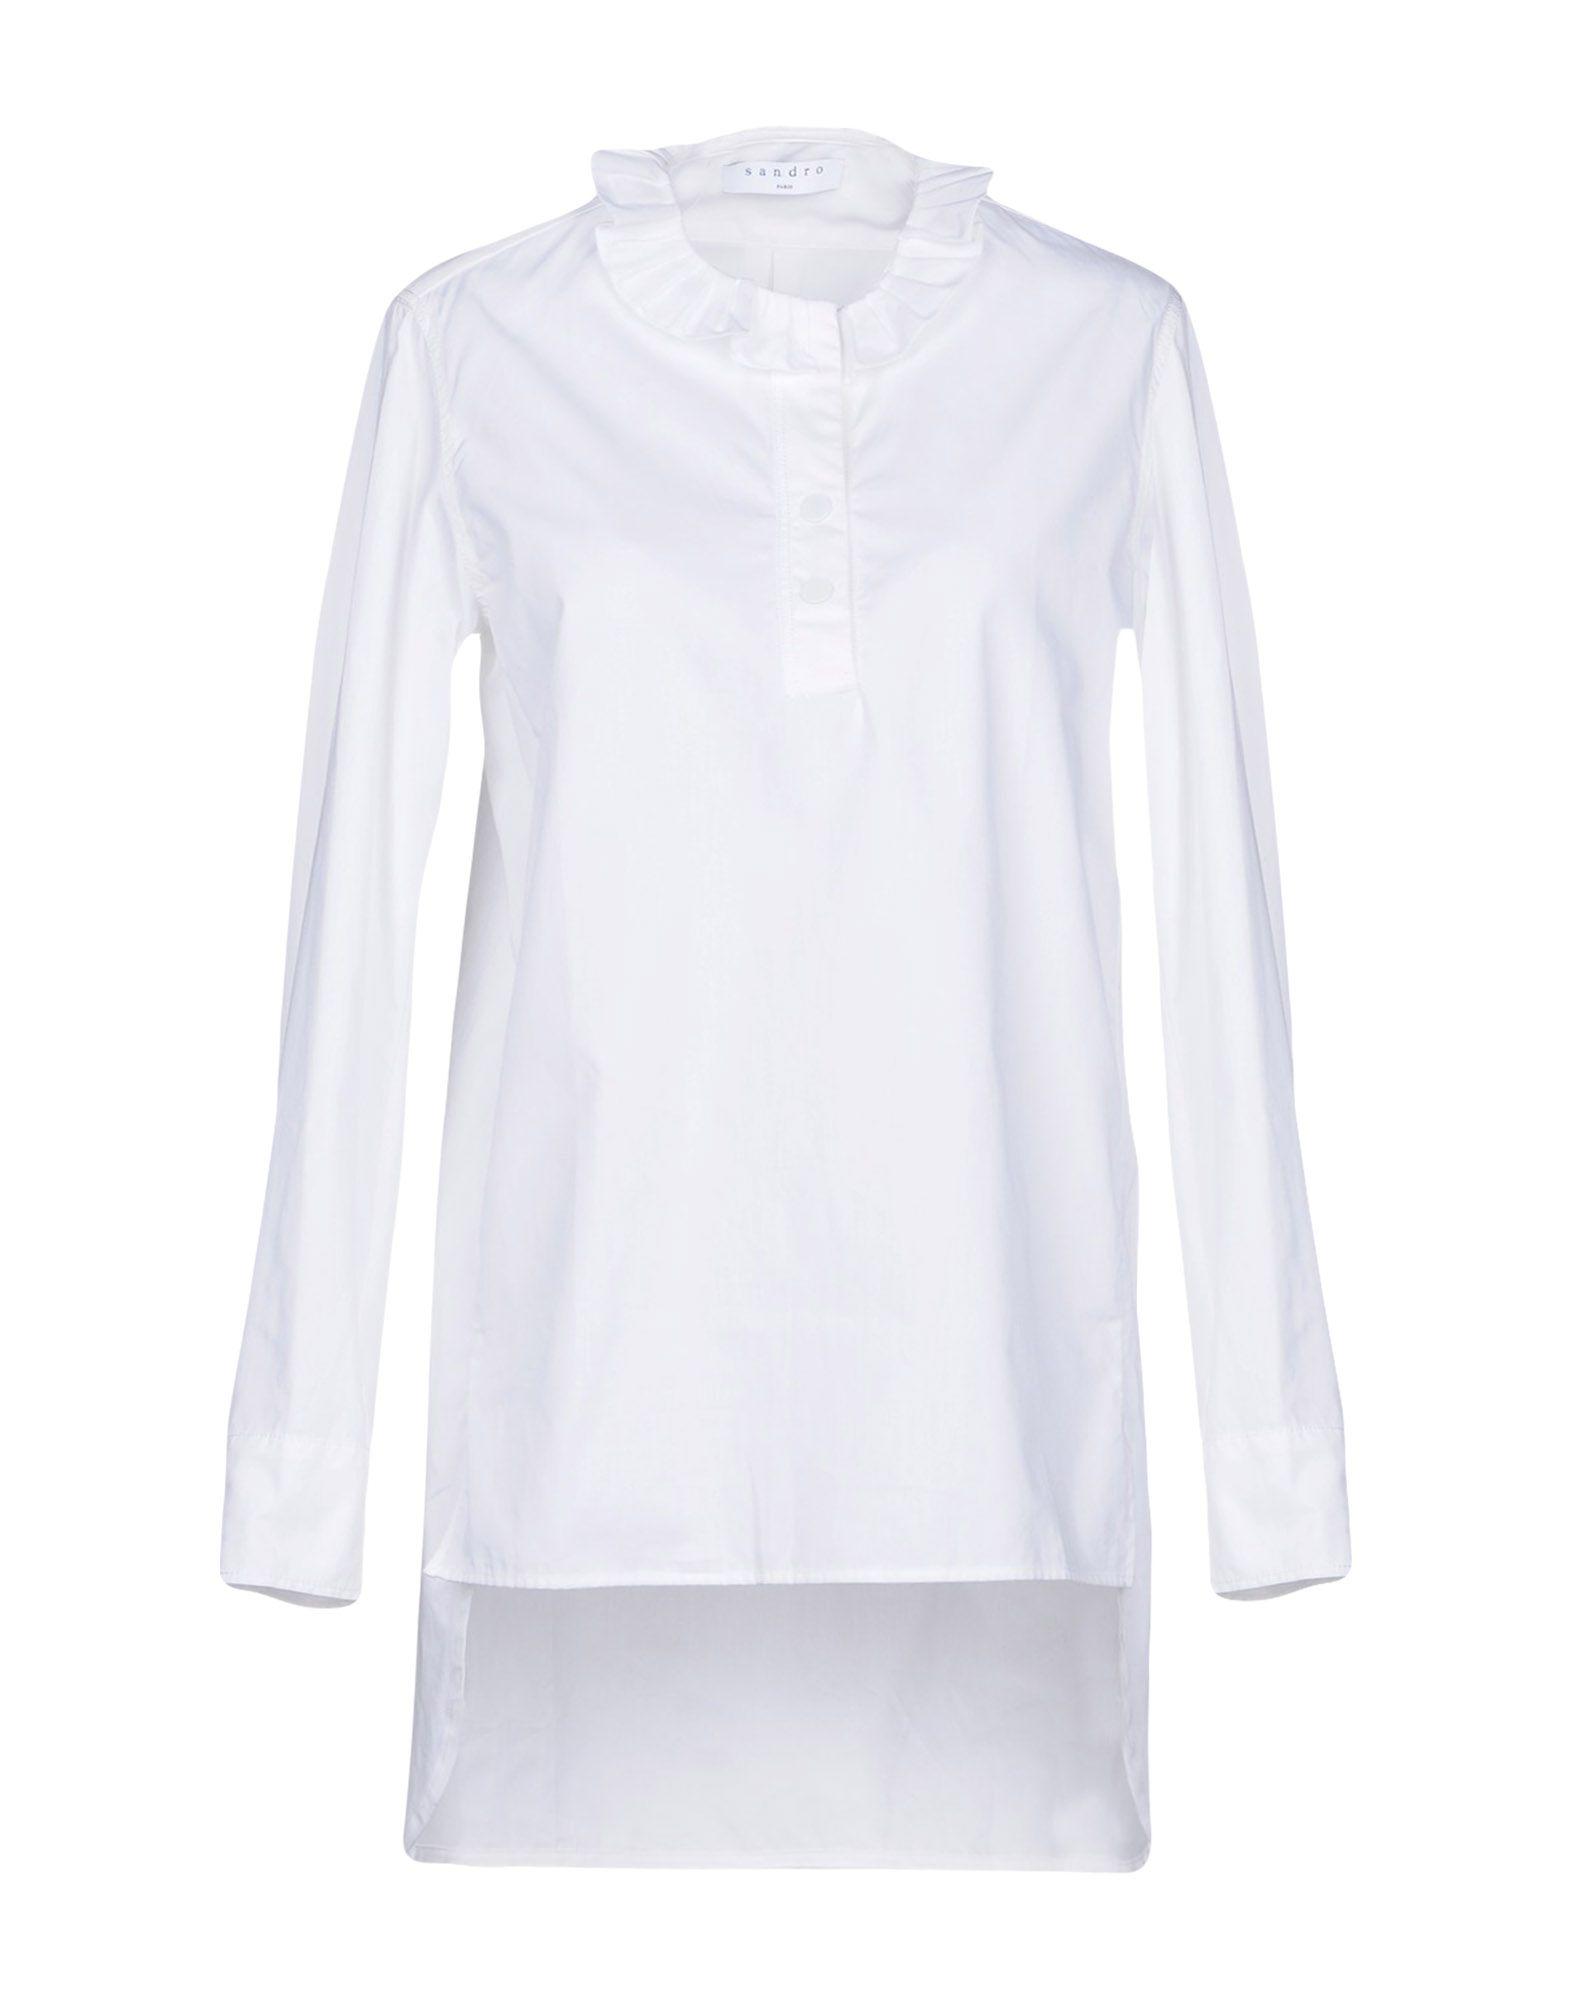 SANDRO PARIS Blouse in White